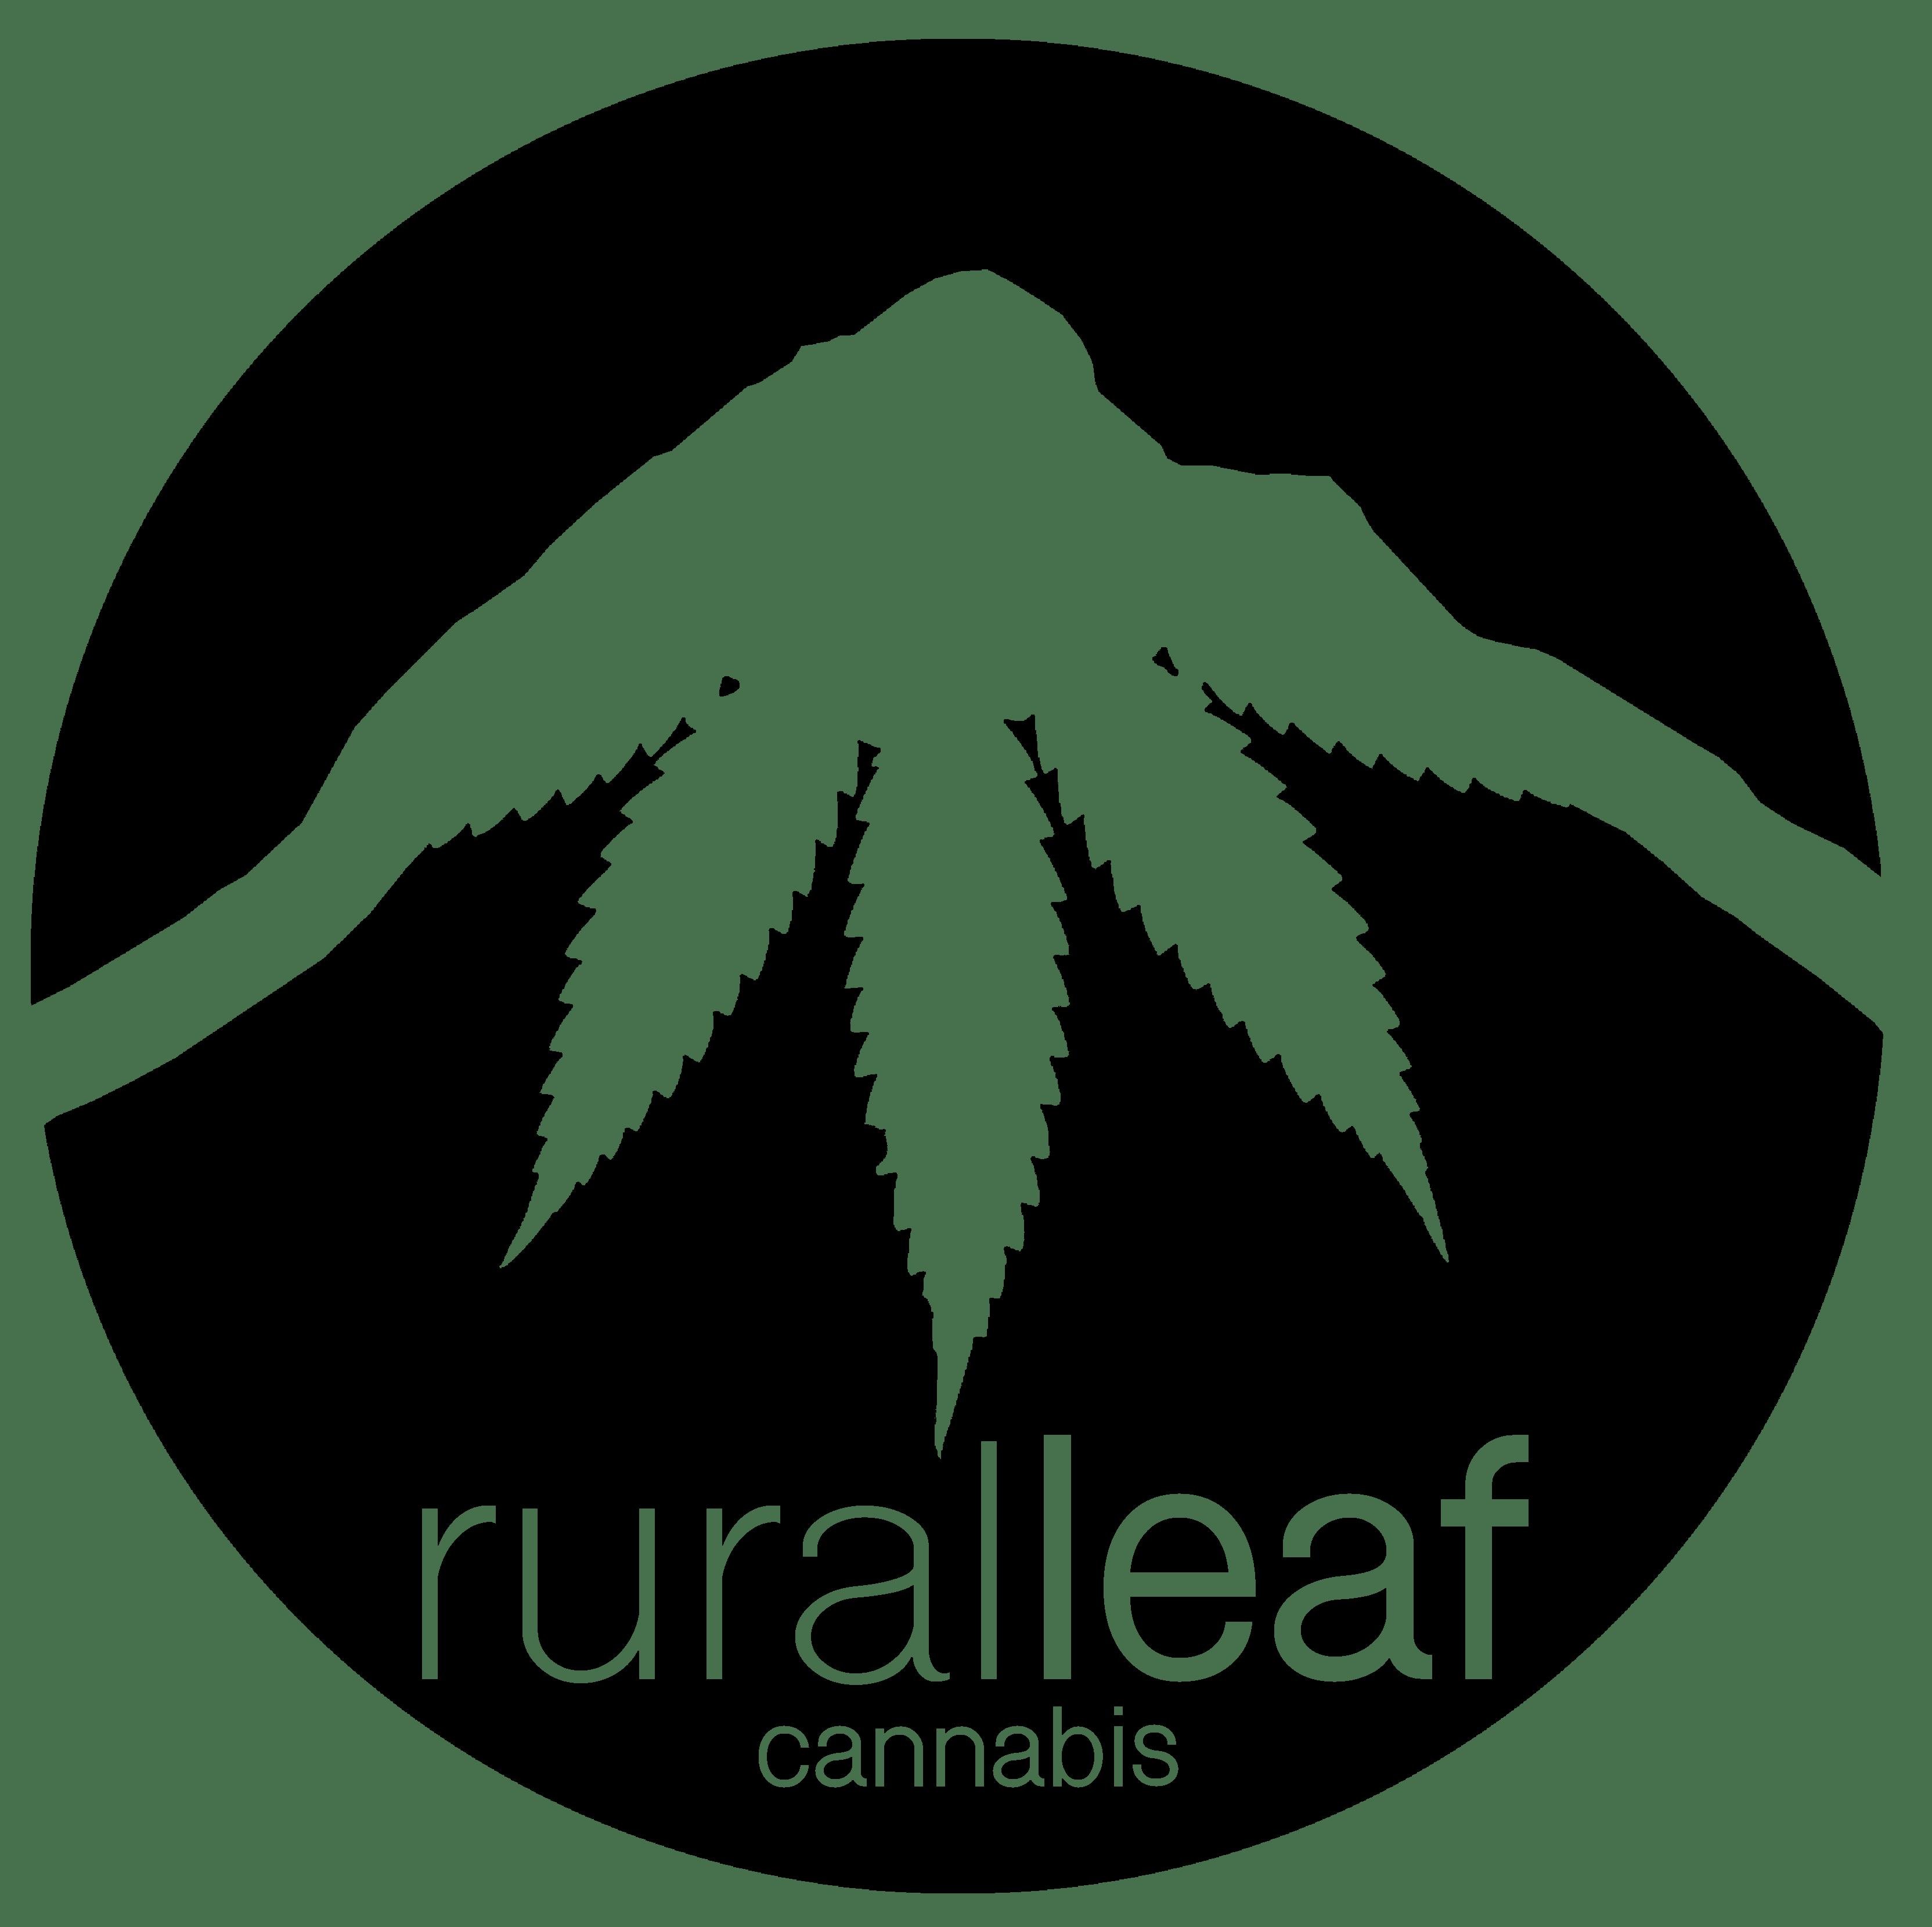 Rural Leaf Cannabis